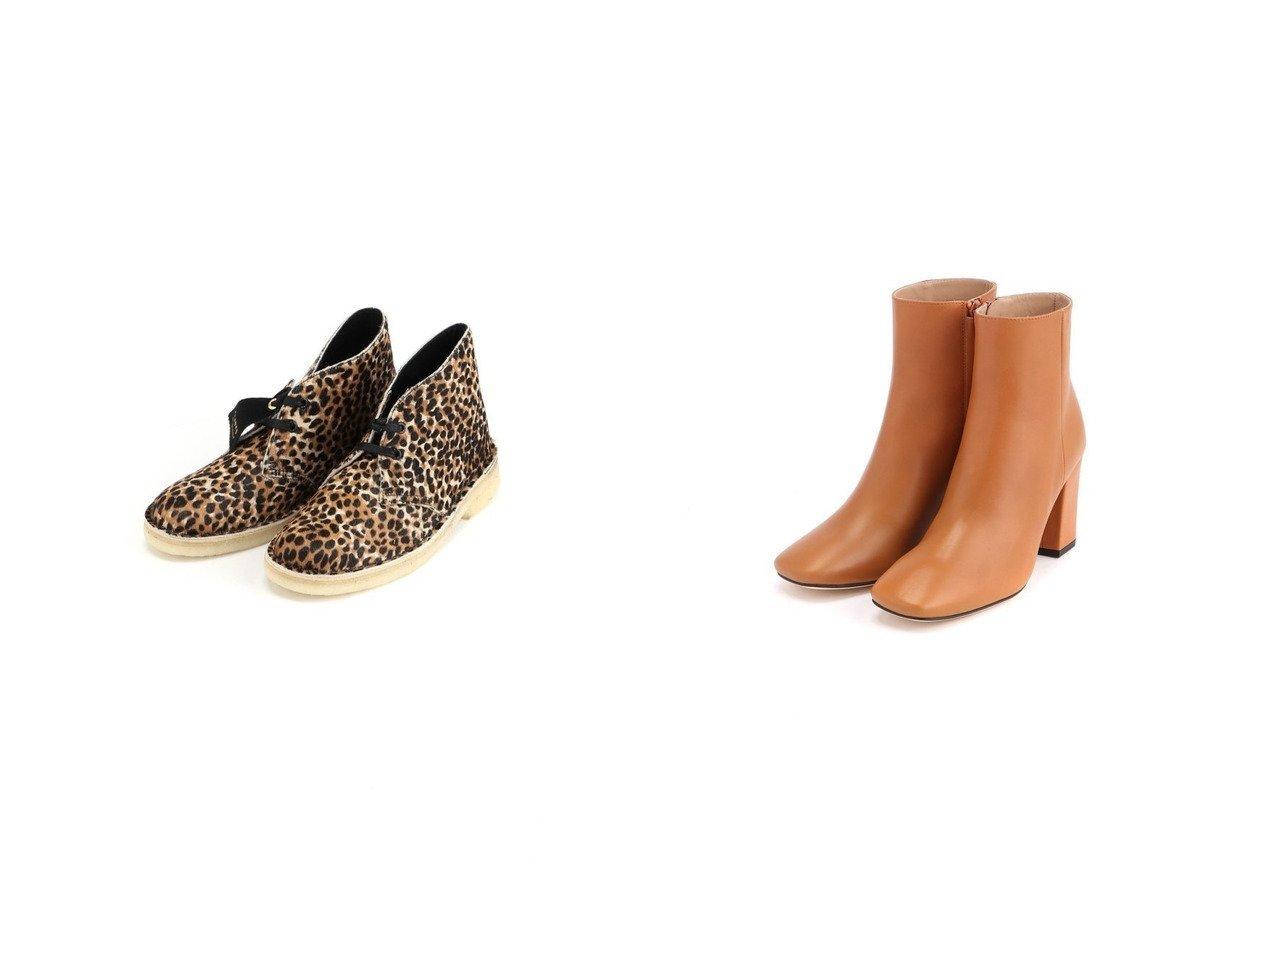 【JOSEPH/ジョゼフ】のショートブーツ&【Clarks/クラークス】のDesert Boot シューズ・靴のおすすめ!人気、トレンド・レディースファッションの通販  おすすめで人気の流行・トレンド、ファッションの通販商品 メンズファッション・キッズファッション・インテリア・家具・レディースファッション・服の通販 founy(ファニー) https://founy.com/ ファッション Fashion レディースファッション WOMEN NEW・新作・新着・新入荷 New Arrivals 2020年 2020 2020-2021 秋冬 A/W AW Autumn/Winter / FW Fall-Winter 2020-2021 A/W 秋冬 AW Autumn/Winter / FW Fall-Winter シューズ ショート デザート デニム ハイヒール フェミニン  ID:crp329100000015622